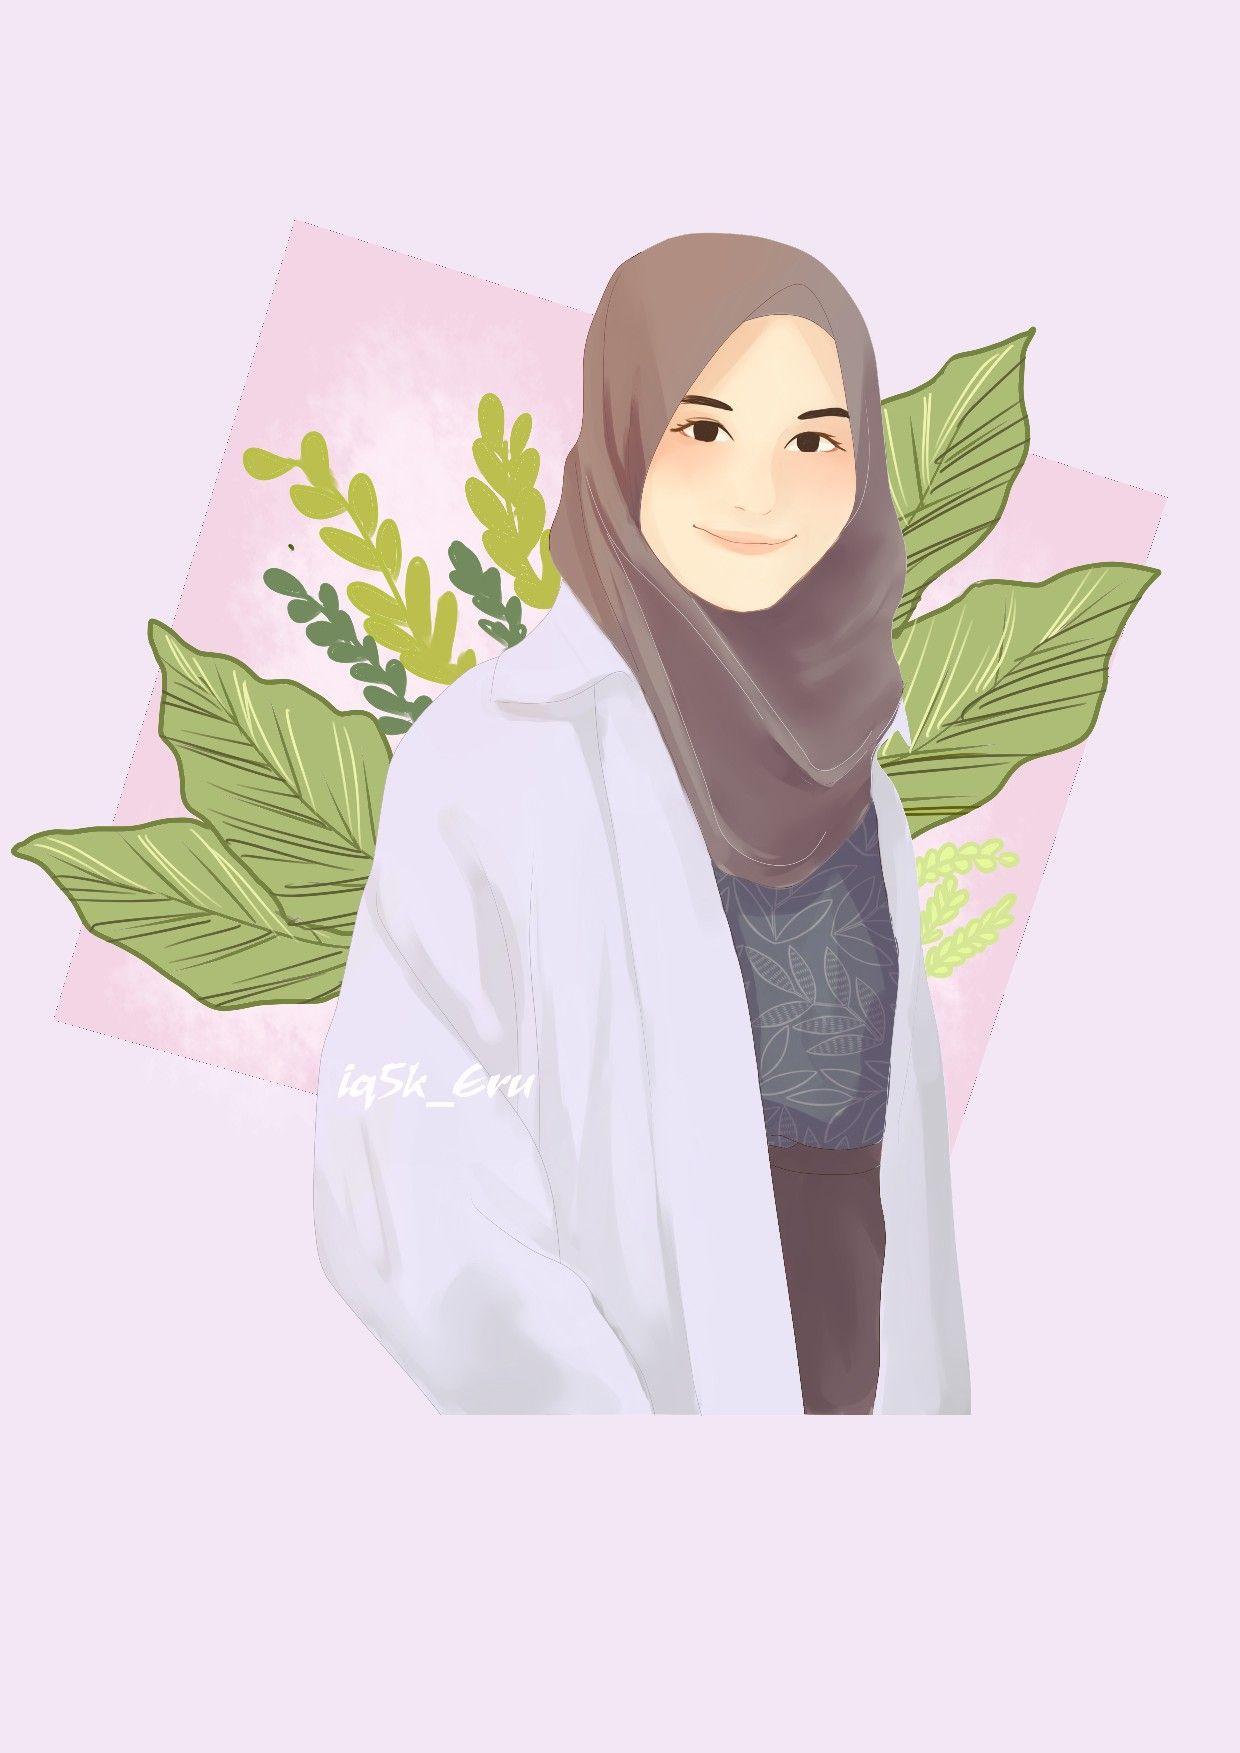 muslimahart Lukisan, Kartun, Wanita